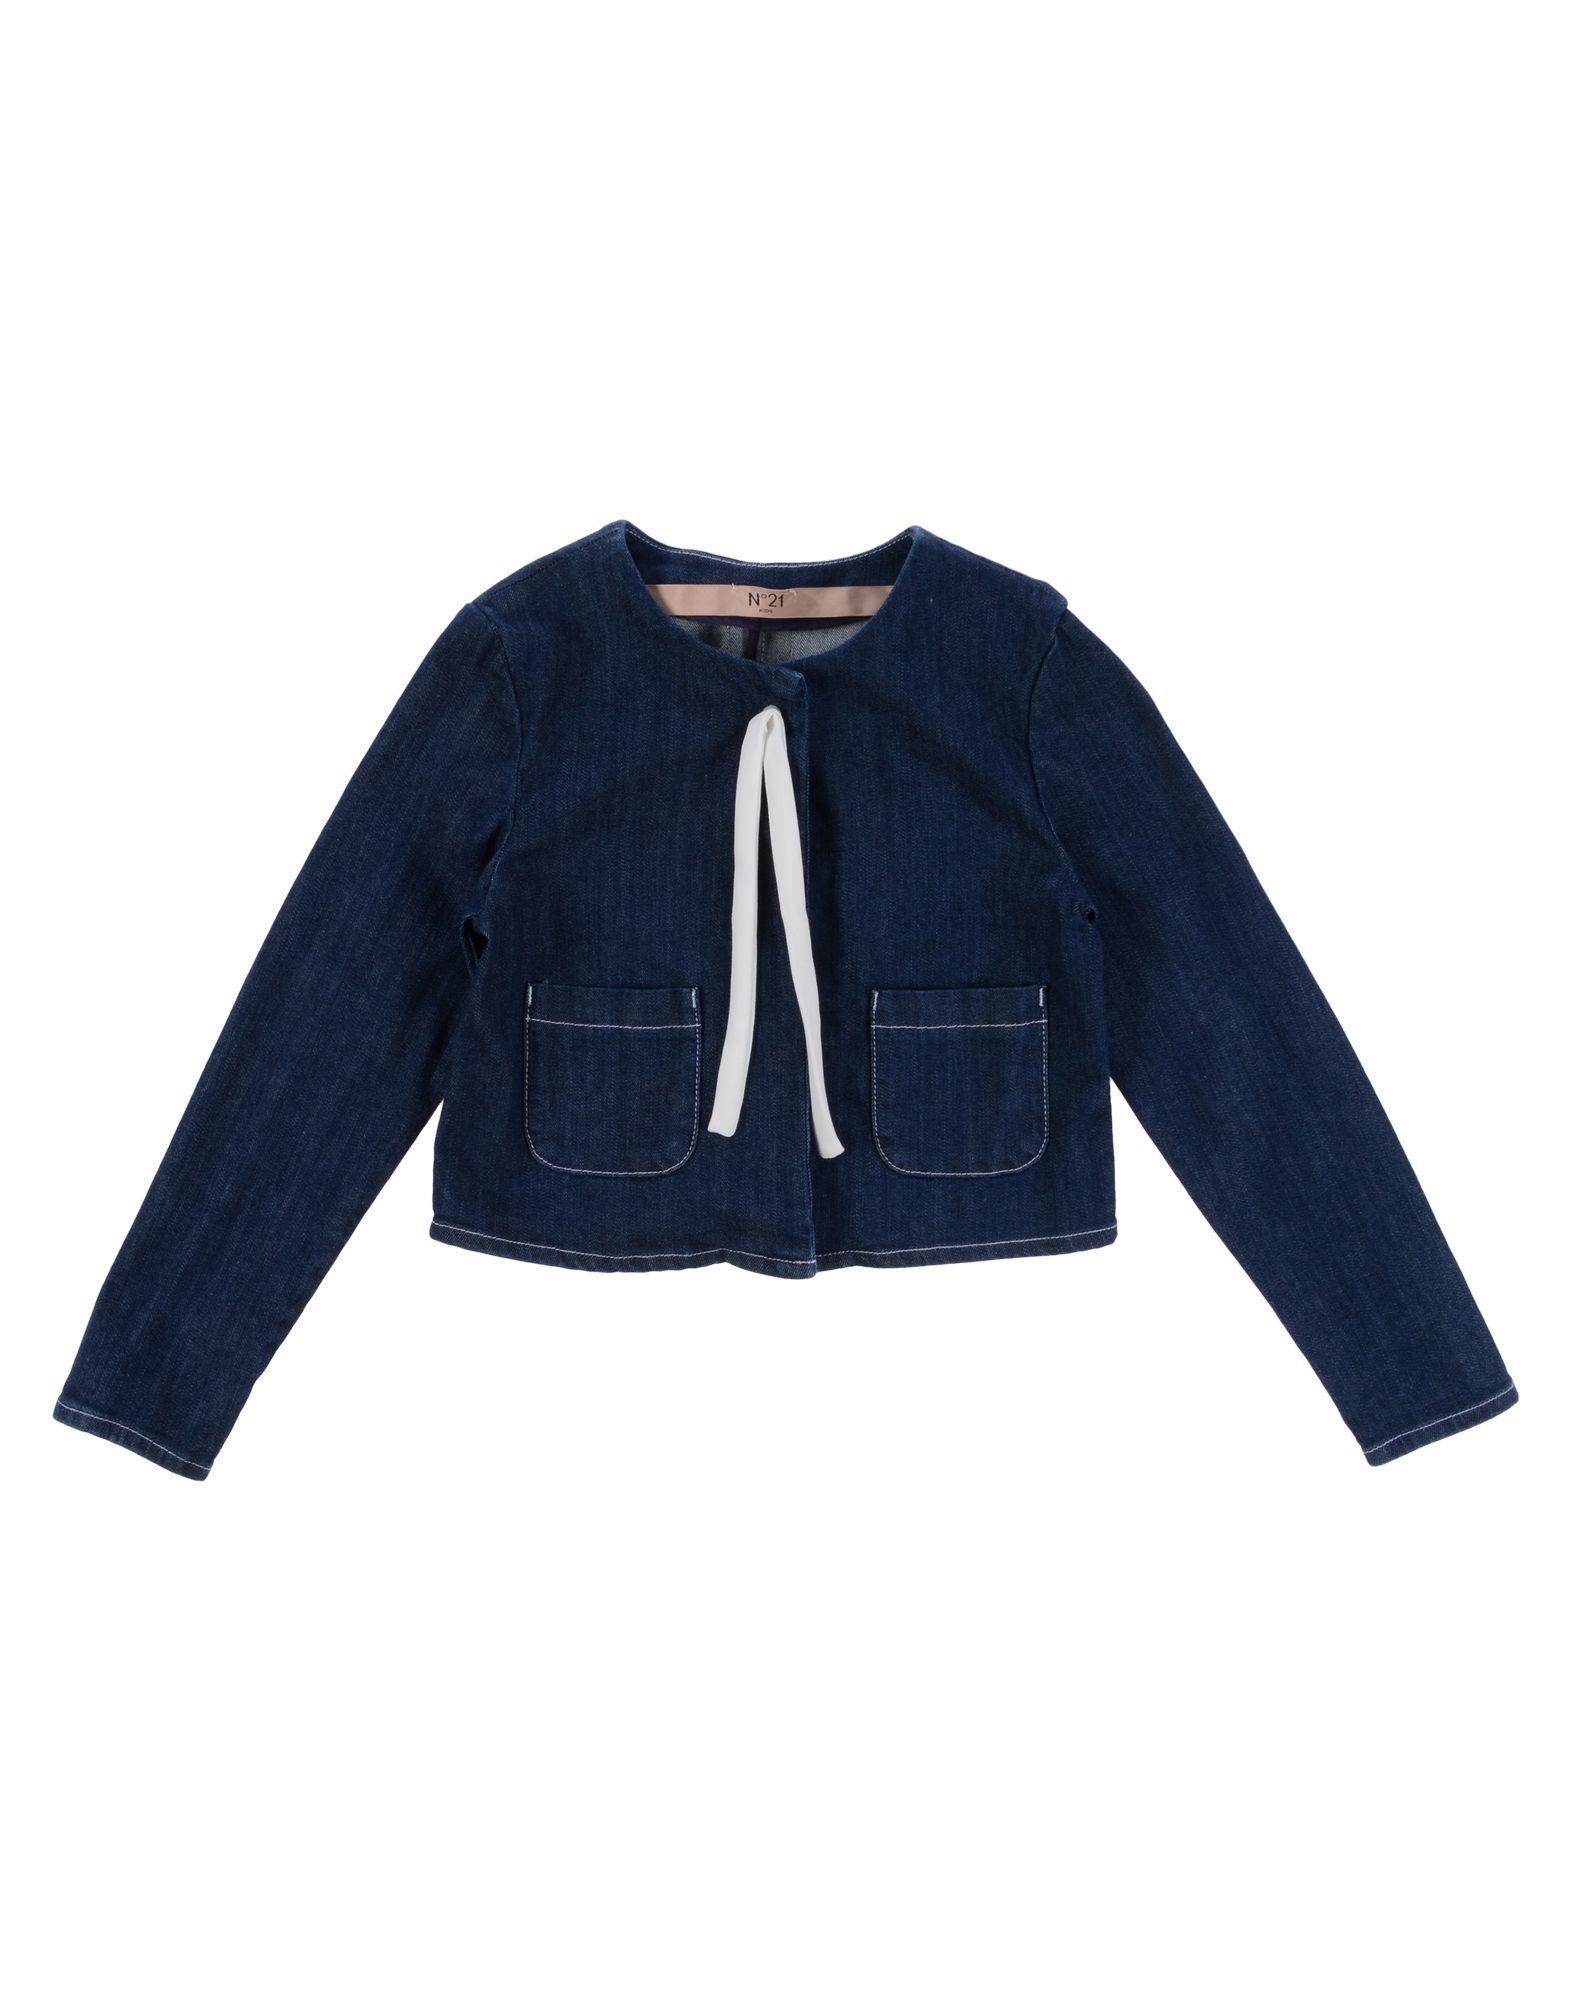 N°21 Mädchen 3-8 jahre Jeansjacke -mantel4 blau